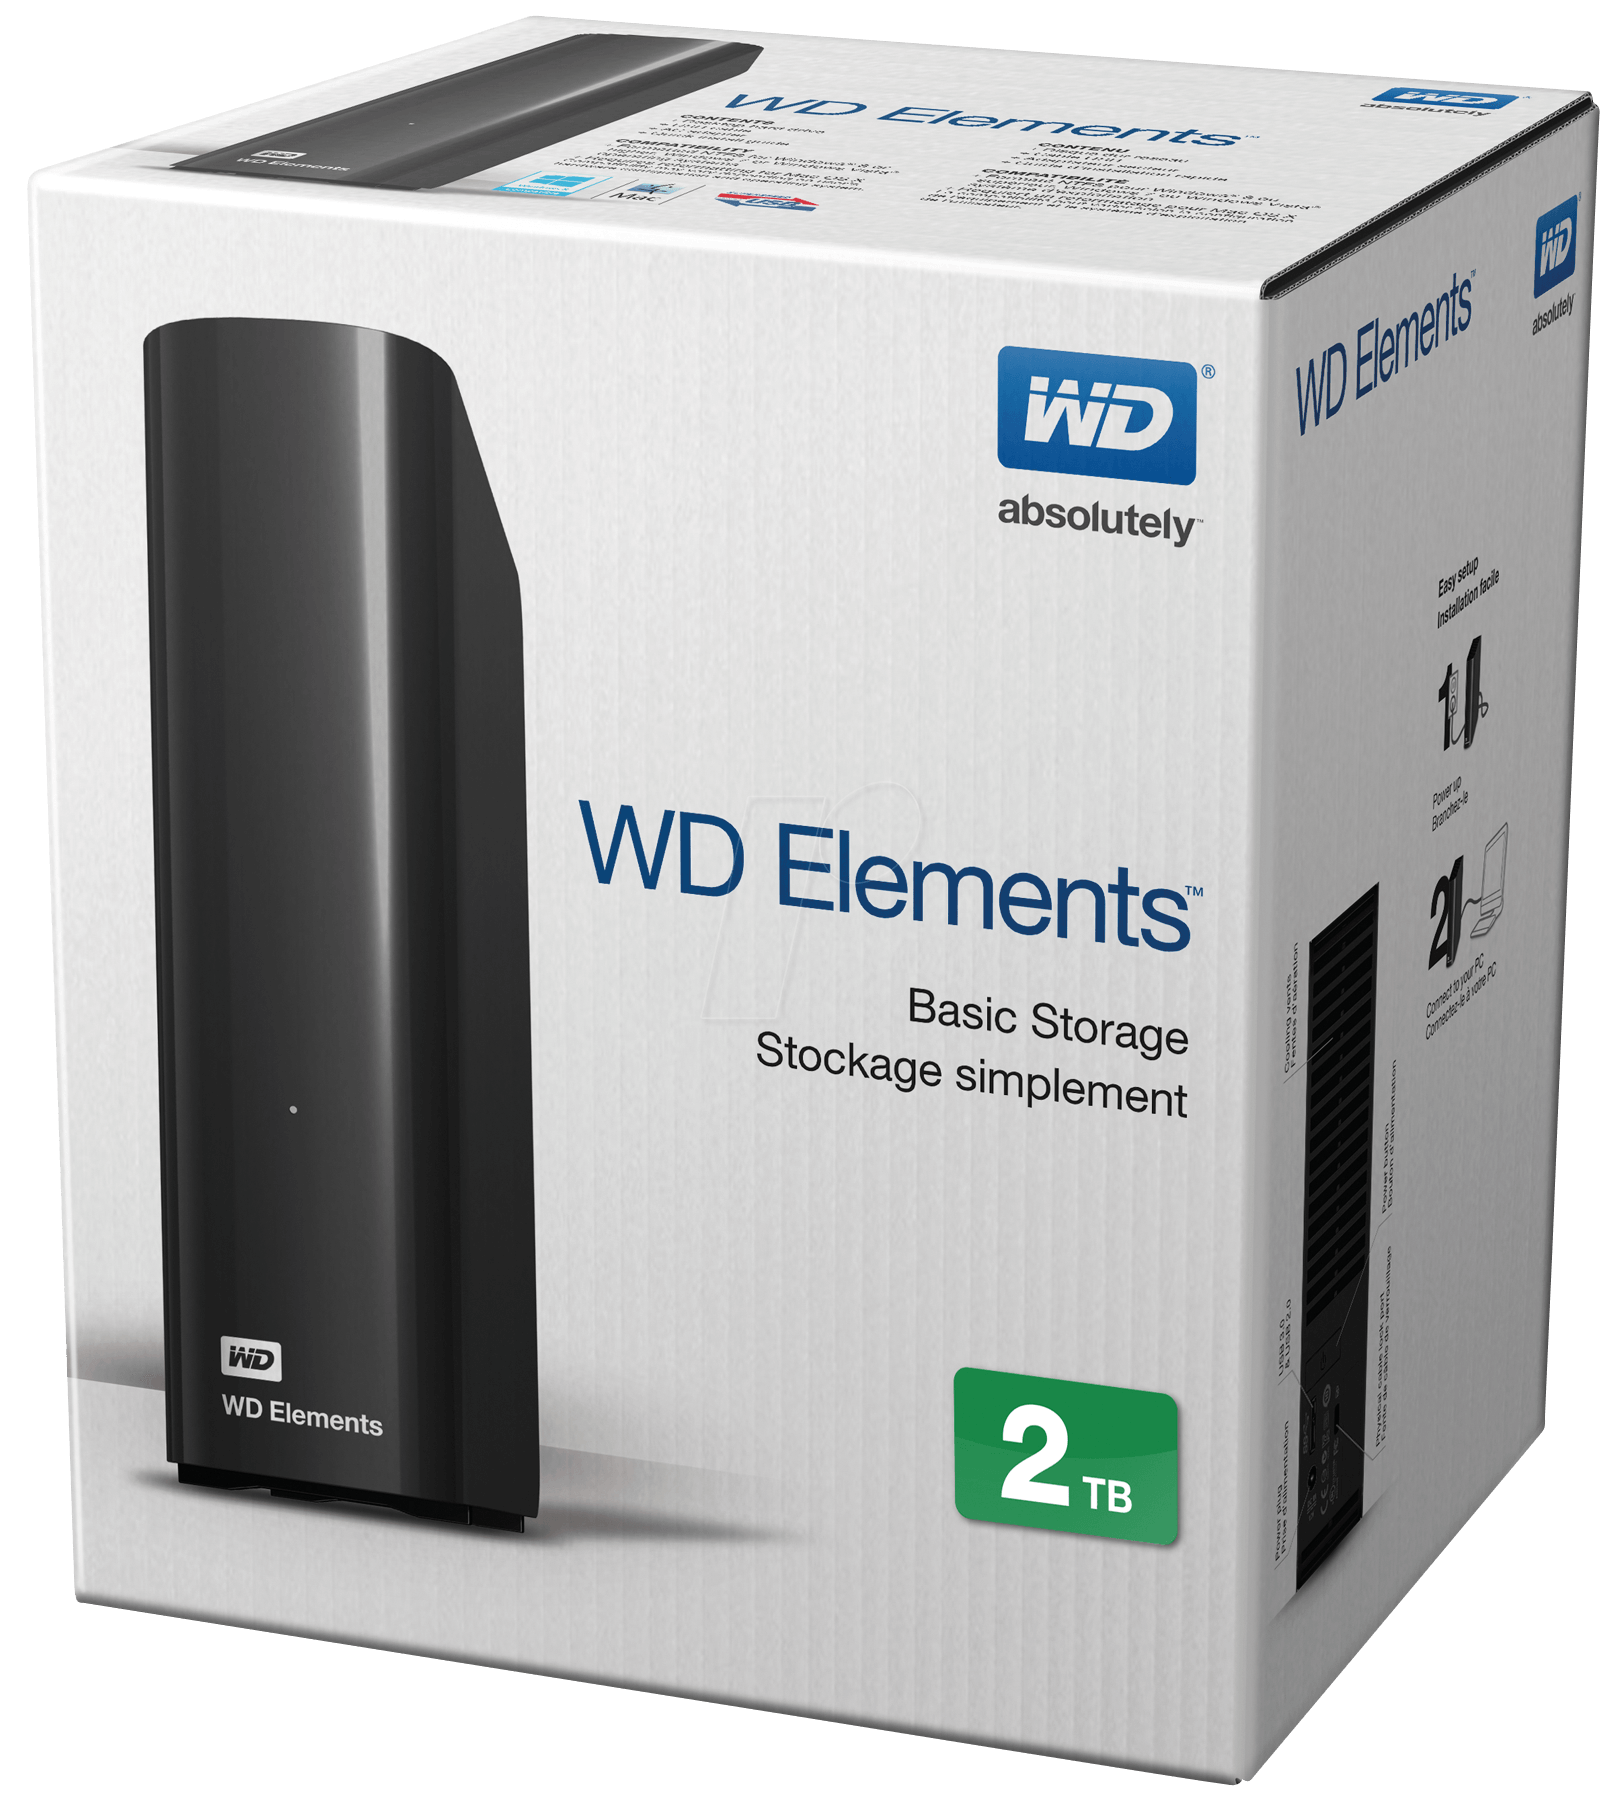 Wdbwlg0020hbk 2 Tb Wd Elements Desktop Usb 30 At Reichelt Elektronik Harddisk Eksternal 2tb Western Digital Eesn